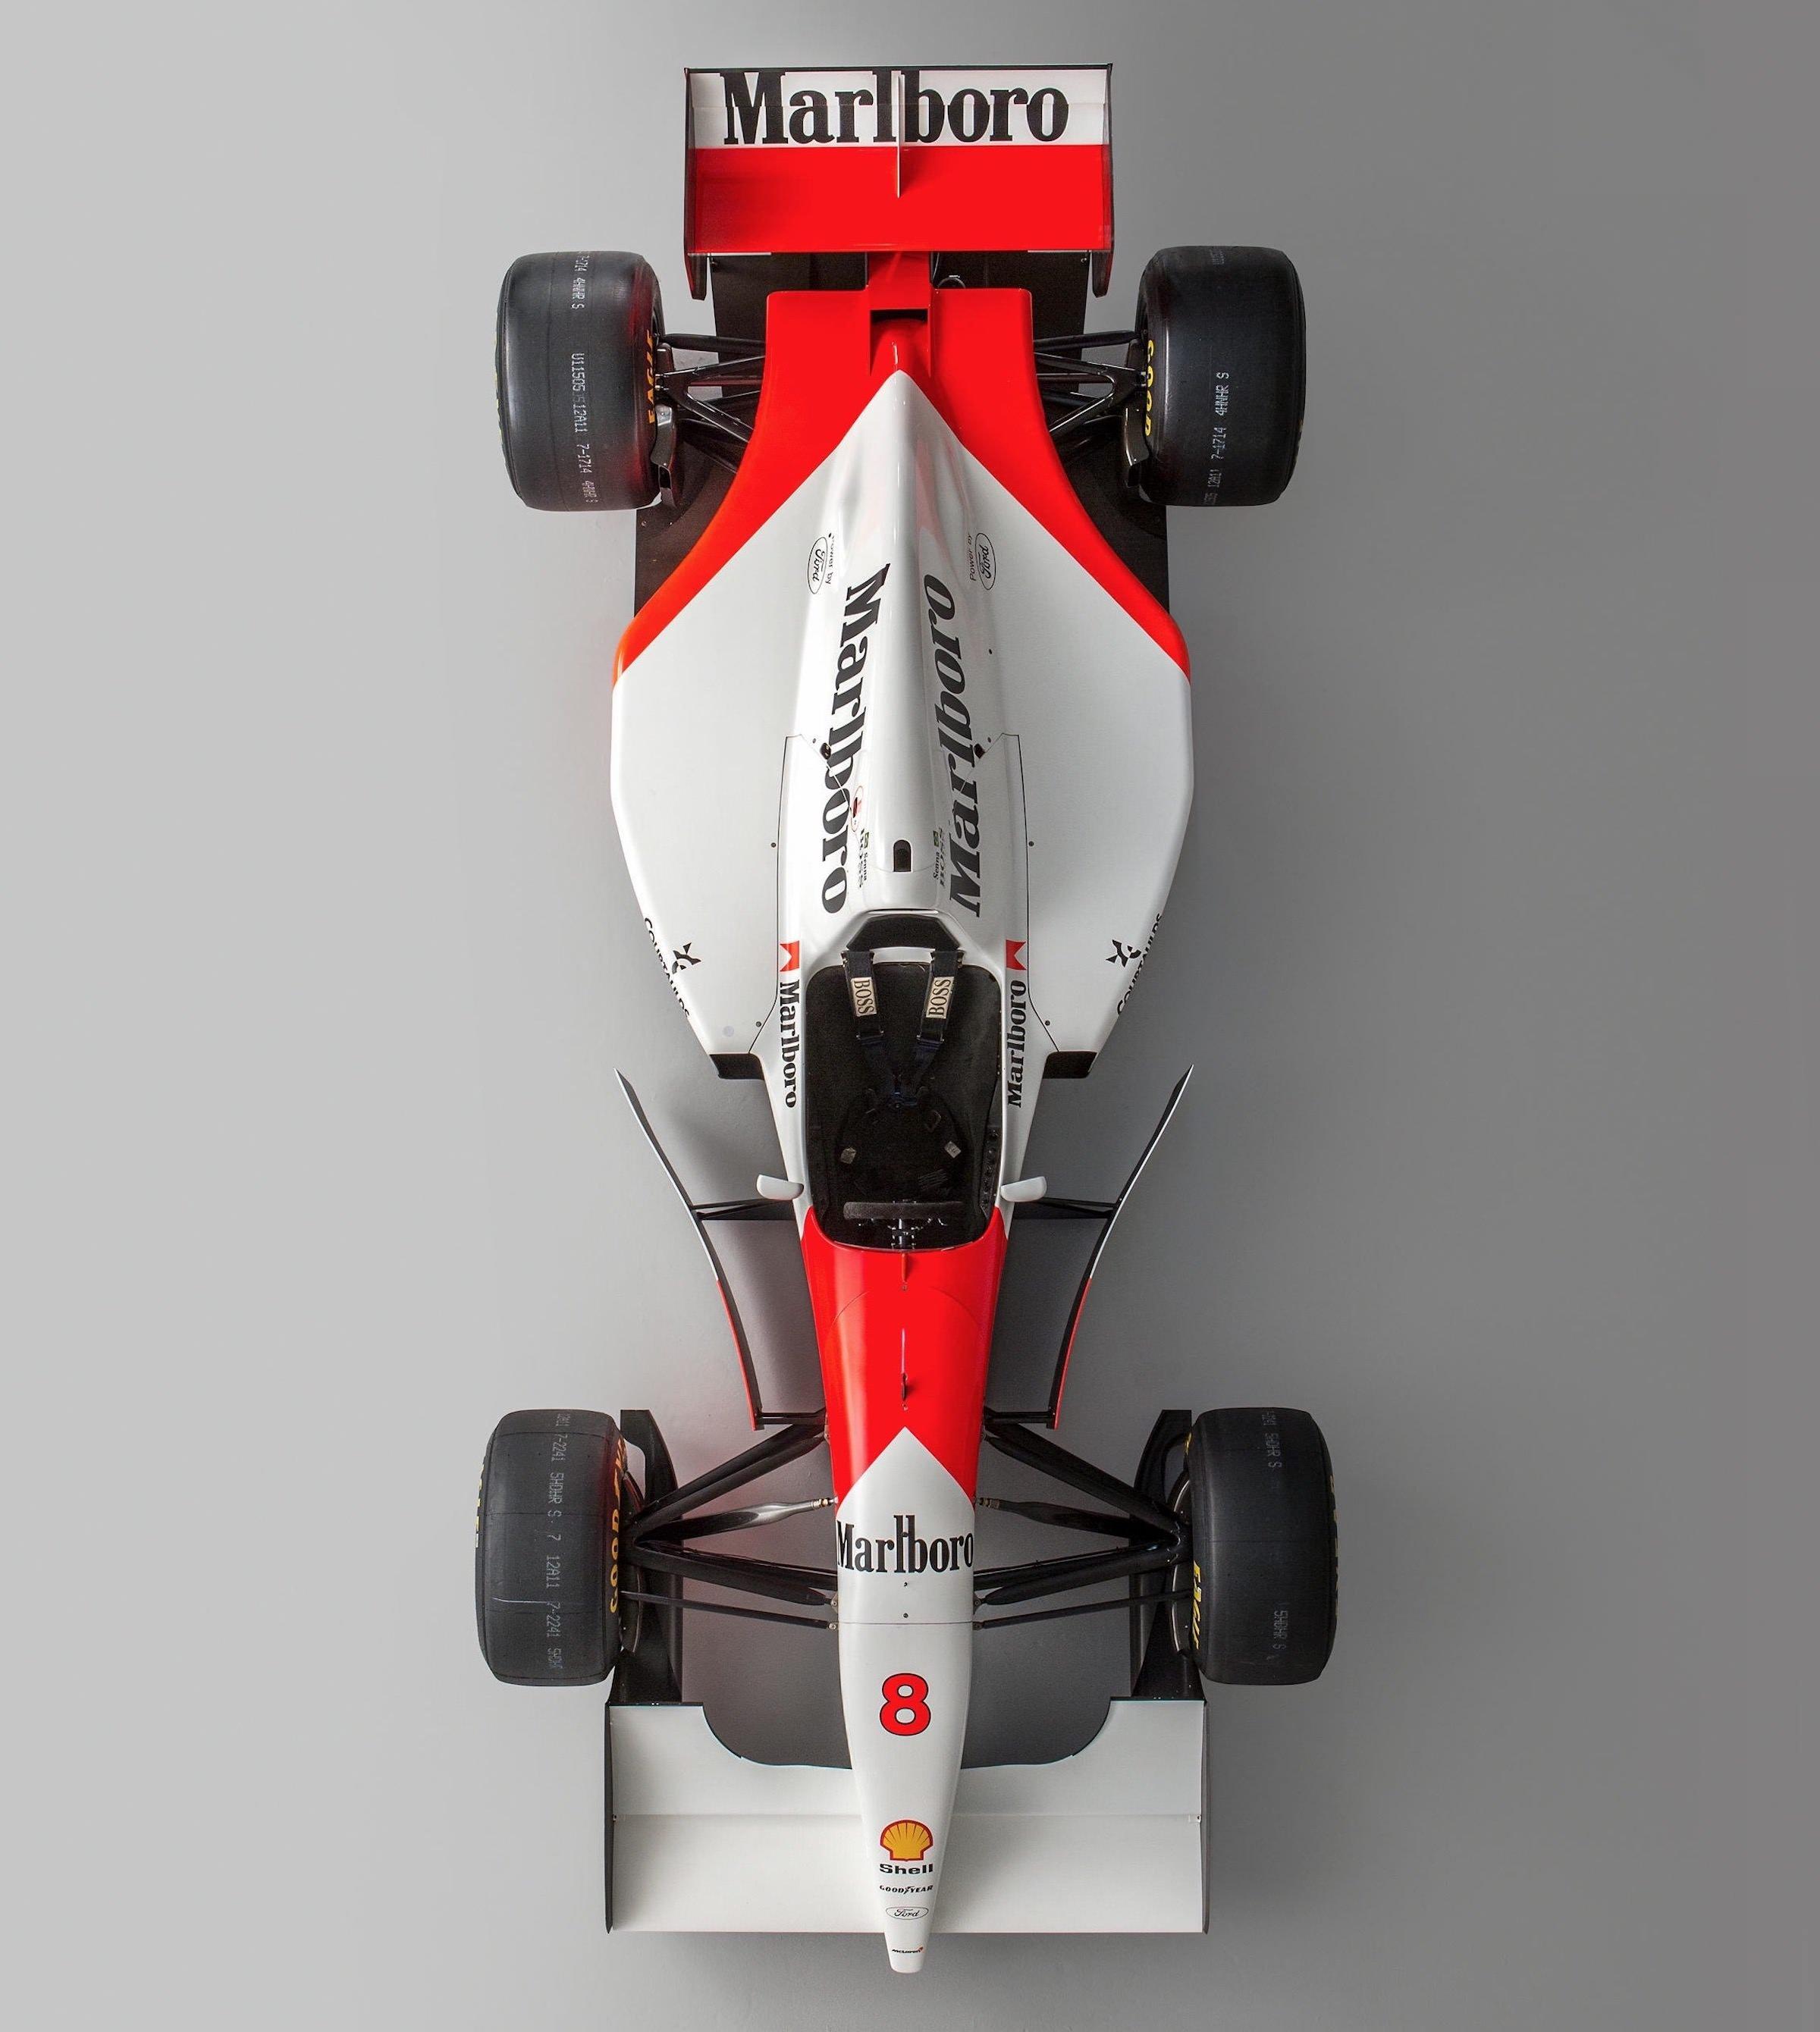 Ayrton Senna's Original 1993 McLaren MP4/8 Formula 1 Car